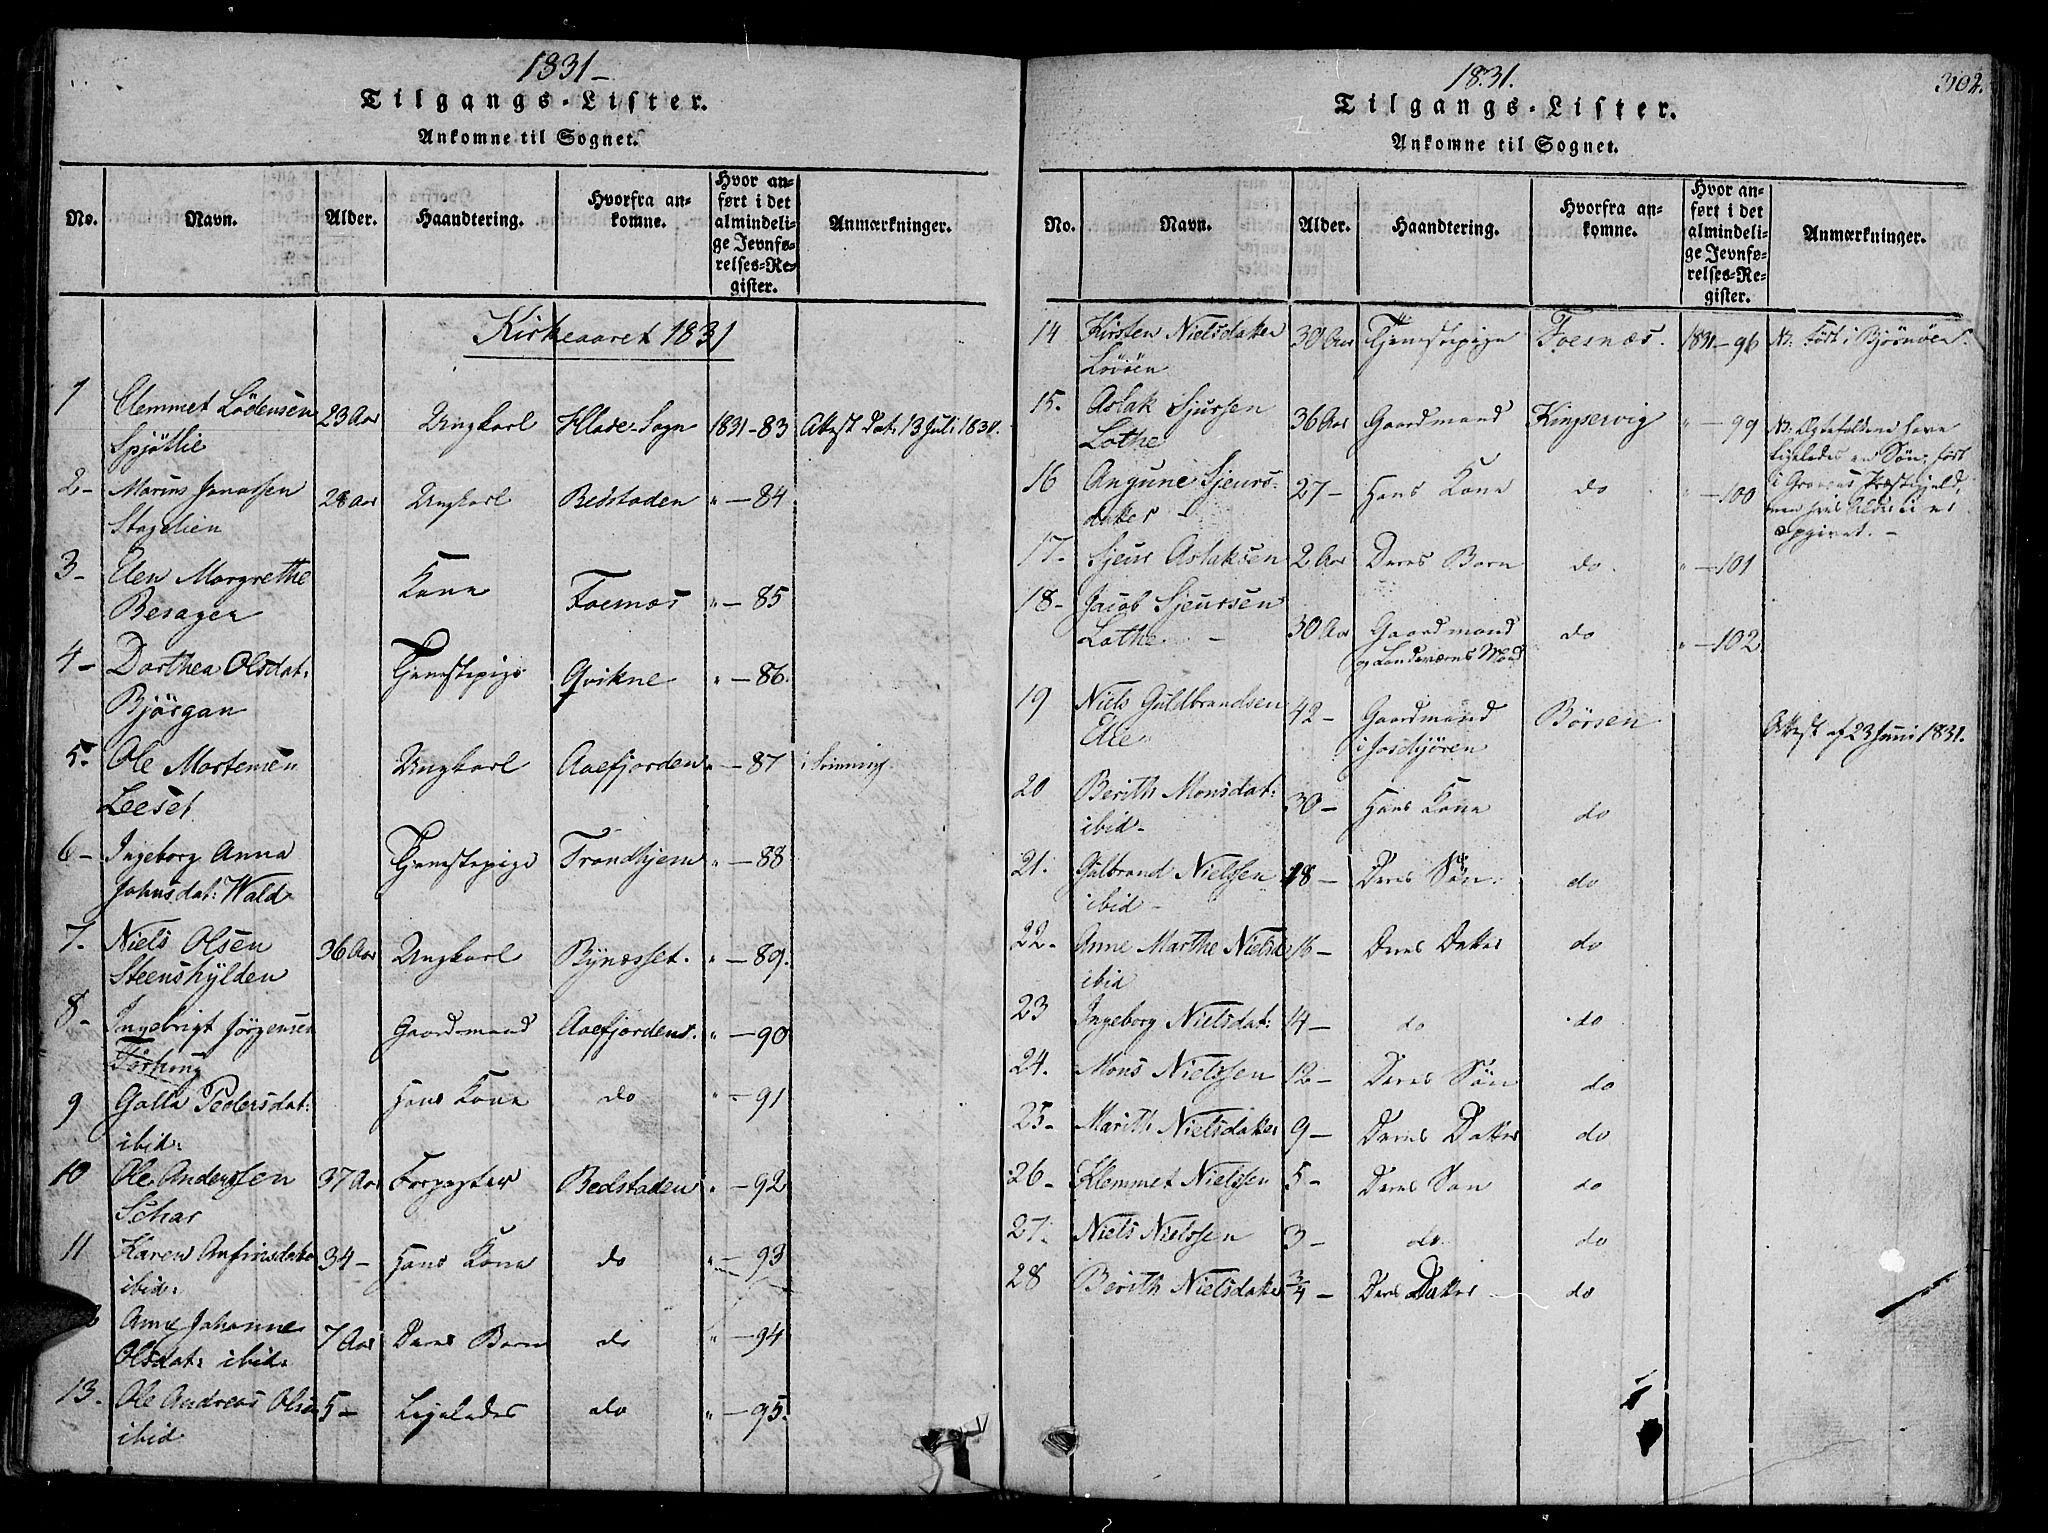 SAT, Ministerialprotokoller, klokkerbøker og fødselsregistre - Sør-Trøndelag, 657/L0702: Ministerialbok nr. 657A03, 1818-1831, s. 302